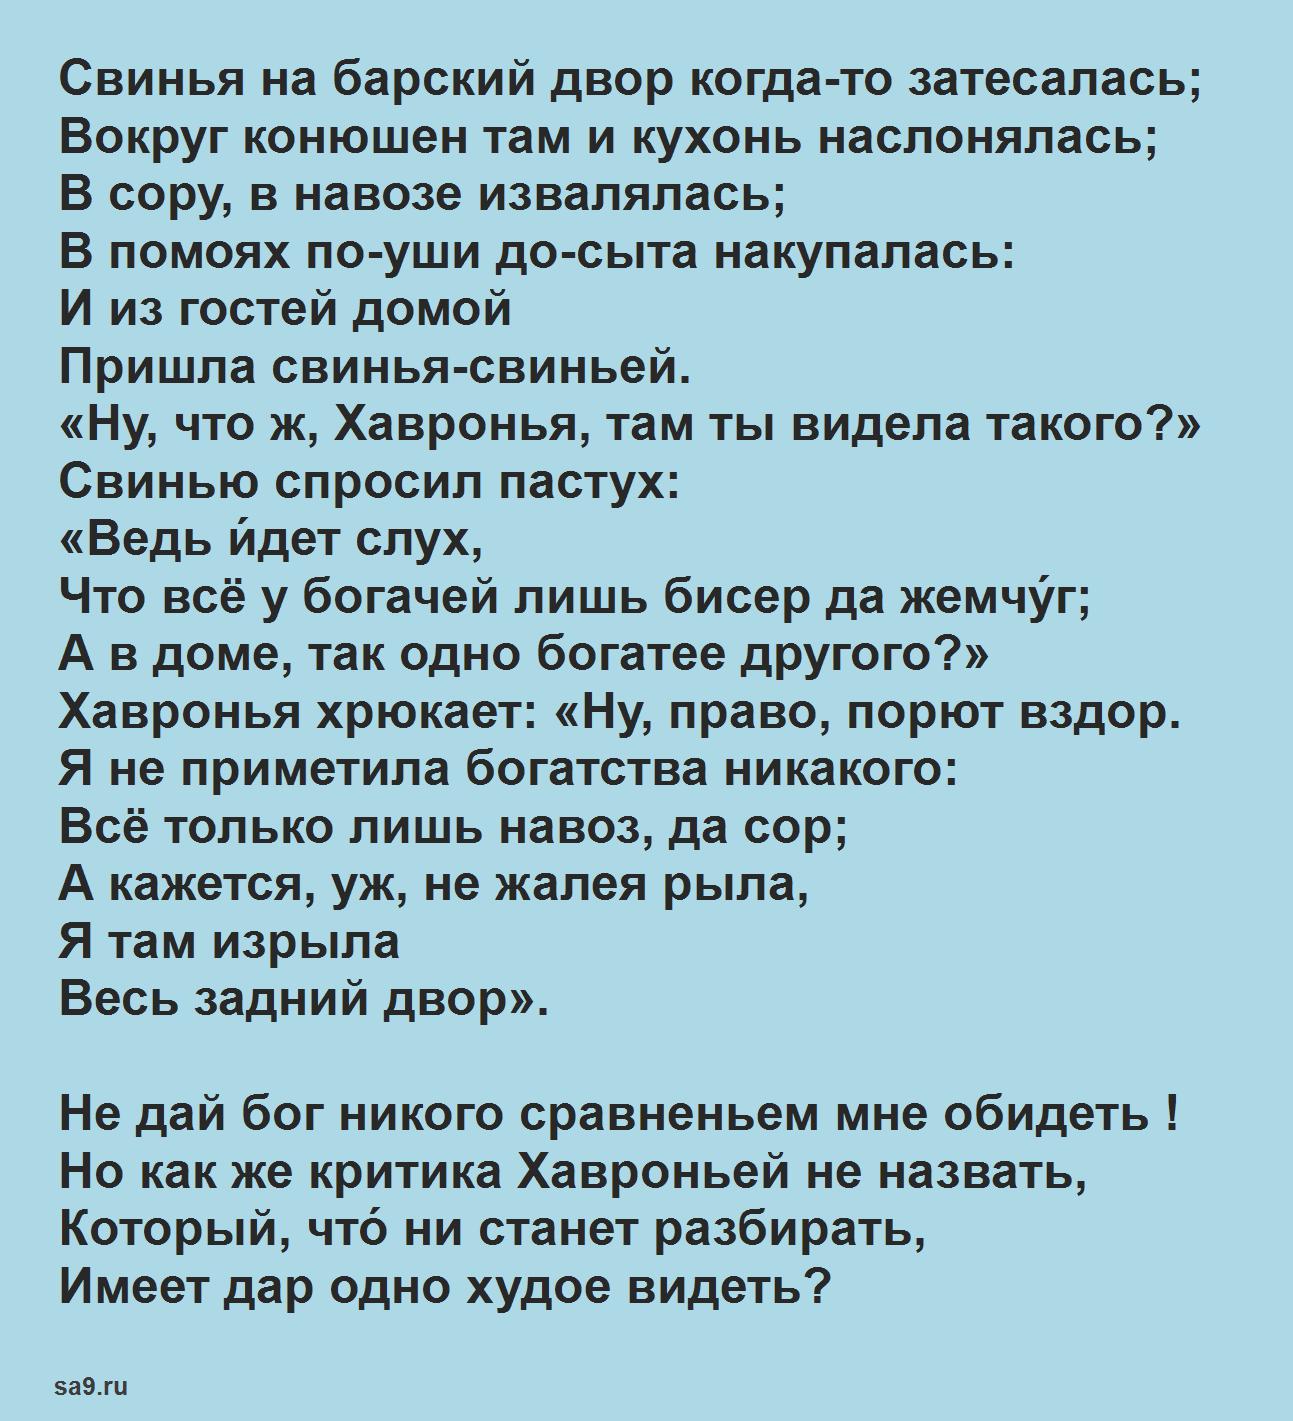 Басня Крылова 'Свинья', текст басни читать полностью